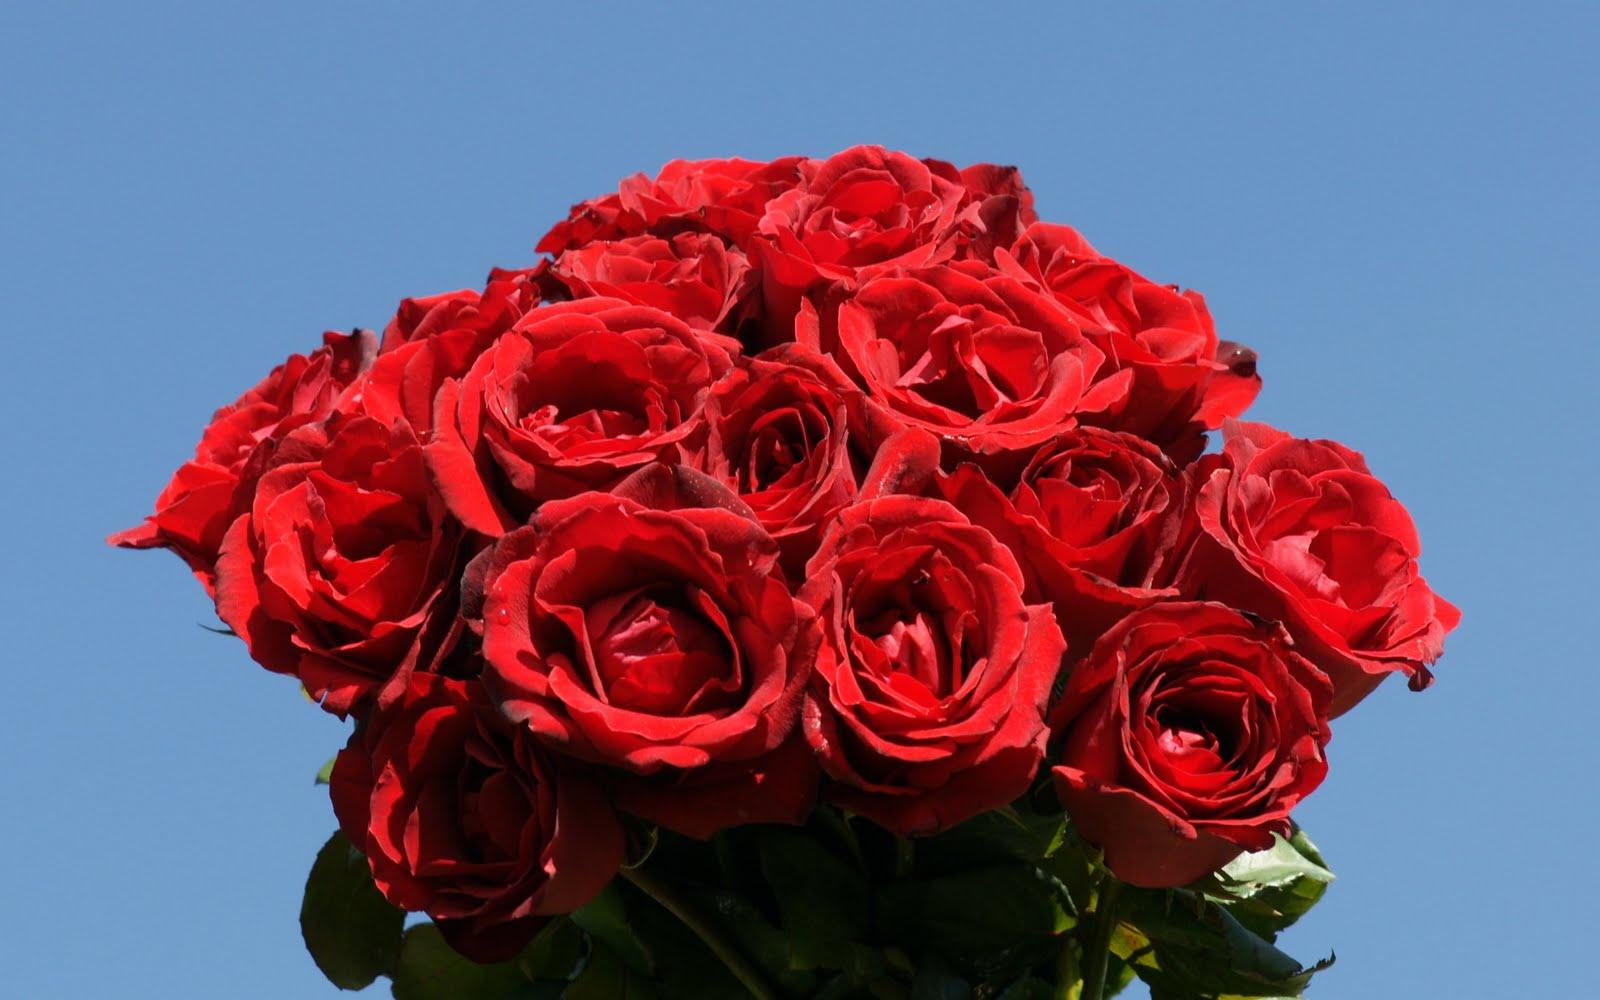 http://2.bp.blogspot.com/-8BZboysXt94/TekObpd474I/AAAAAAAAAF8/RQTFxl1YDvw/s1600/red+rose+wallpaper+%25286%2529.jpg